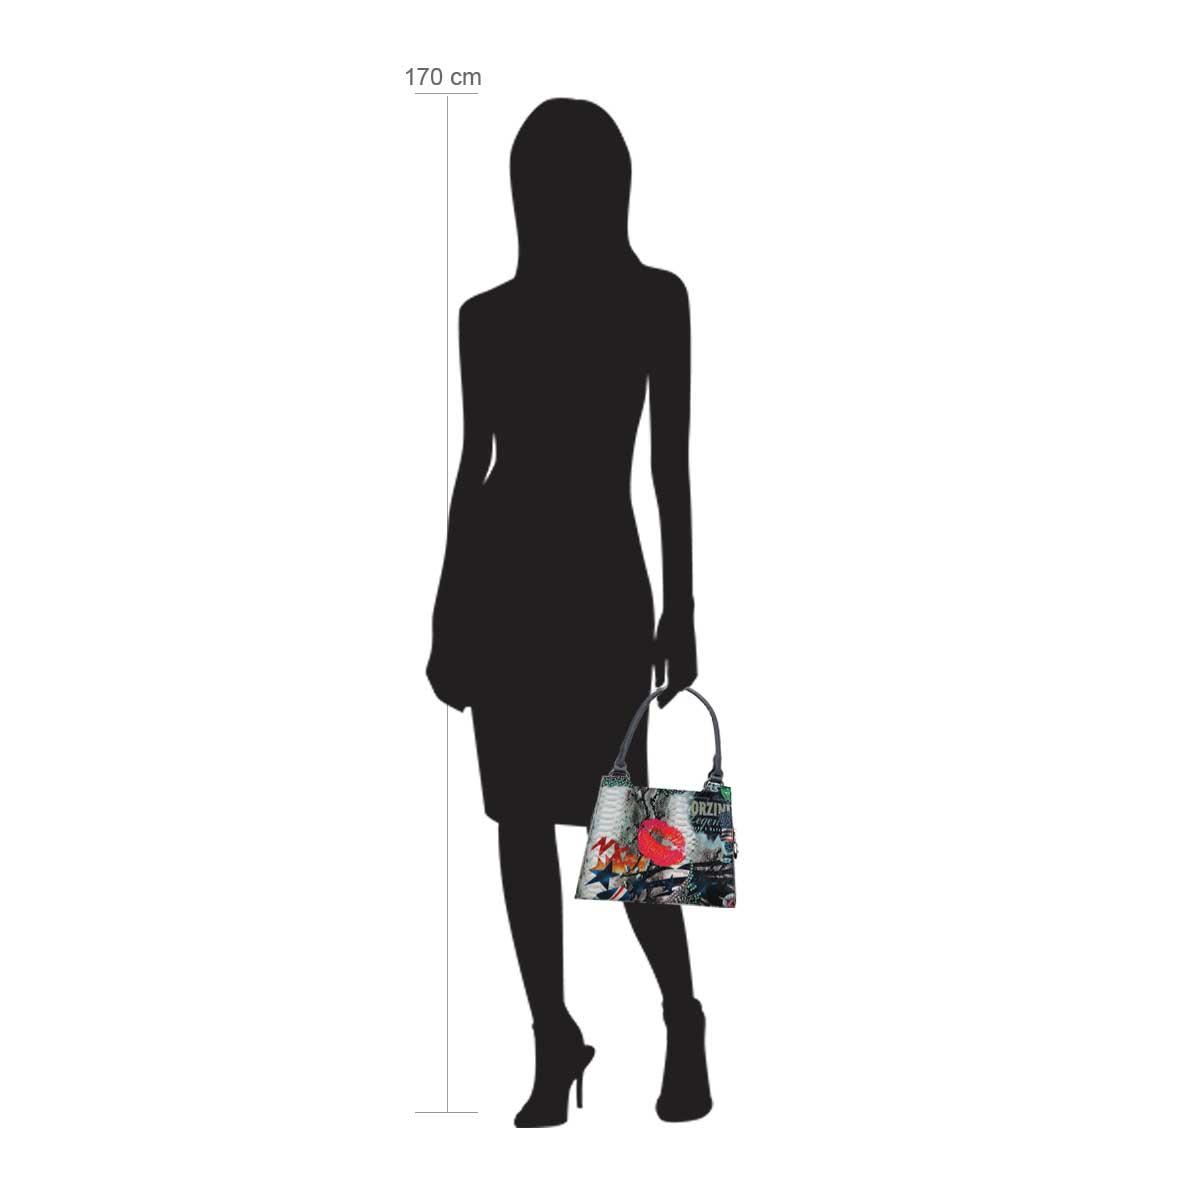 Modellpuppe 170 cm groß zeigt die Handtaschengröße an der Person Modell:Kissmit mini